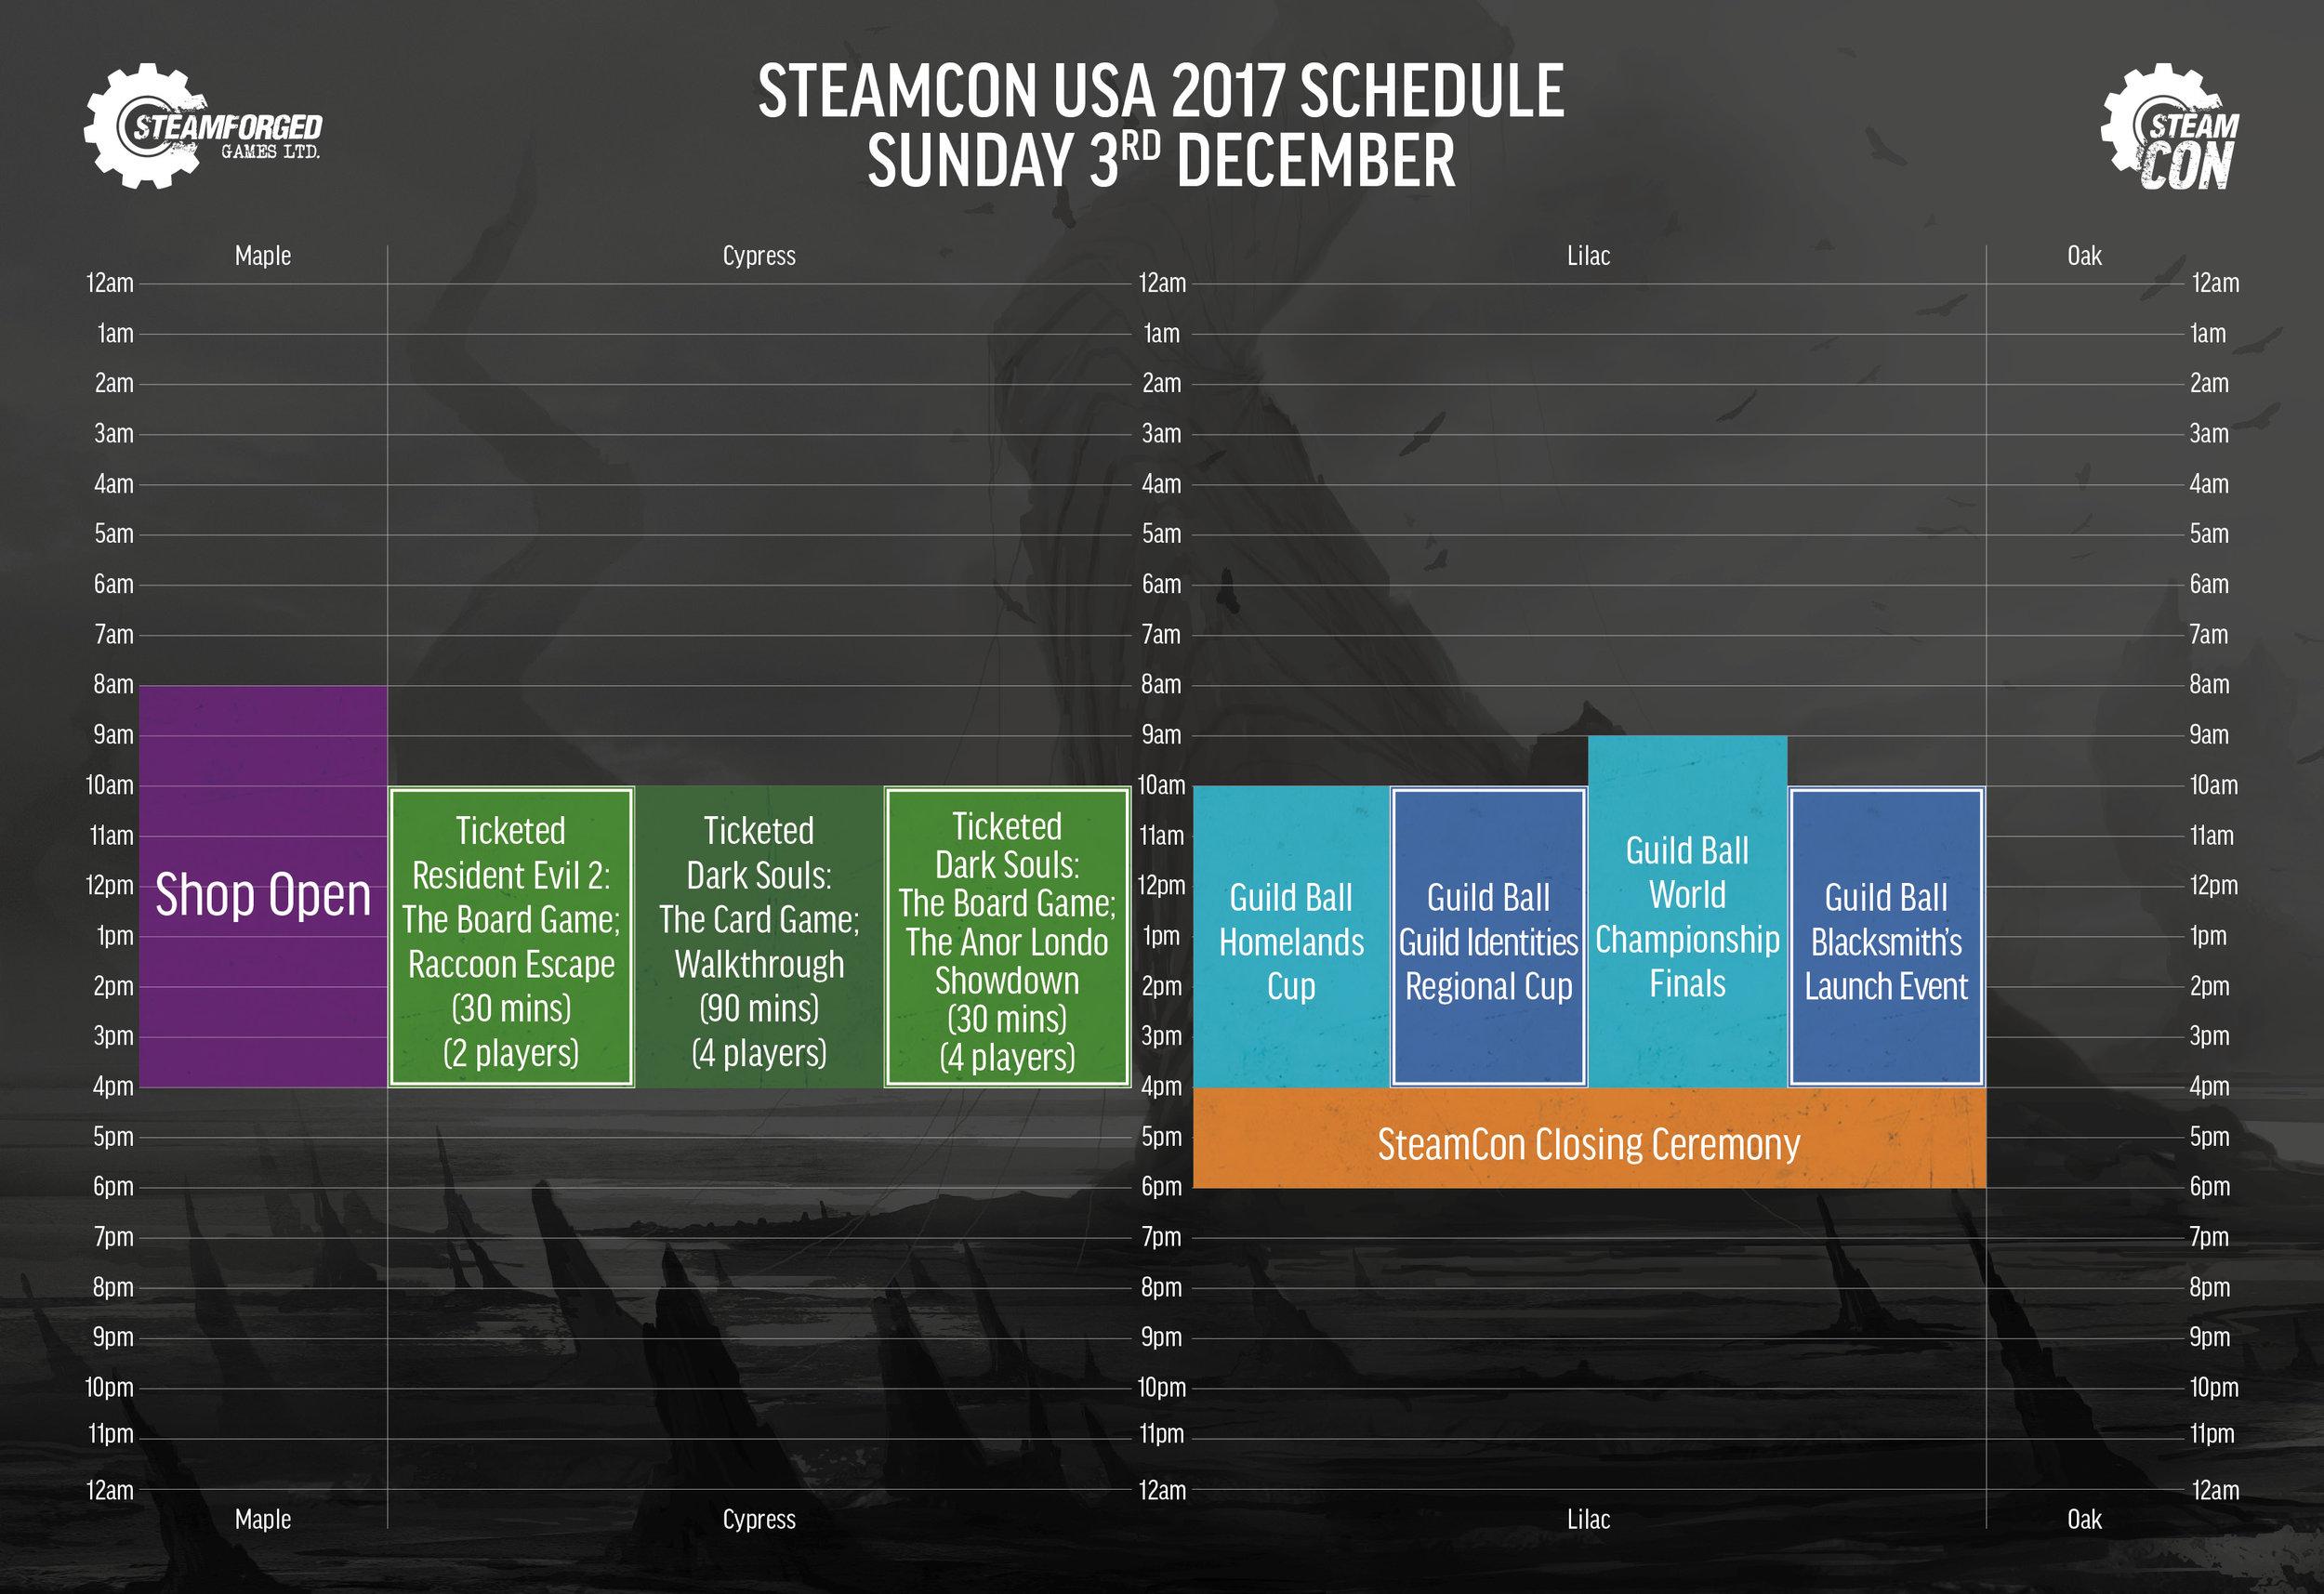 SC2017-Schedule-USA-Sunday.jpg